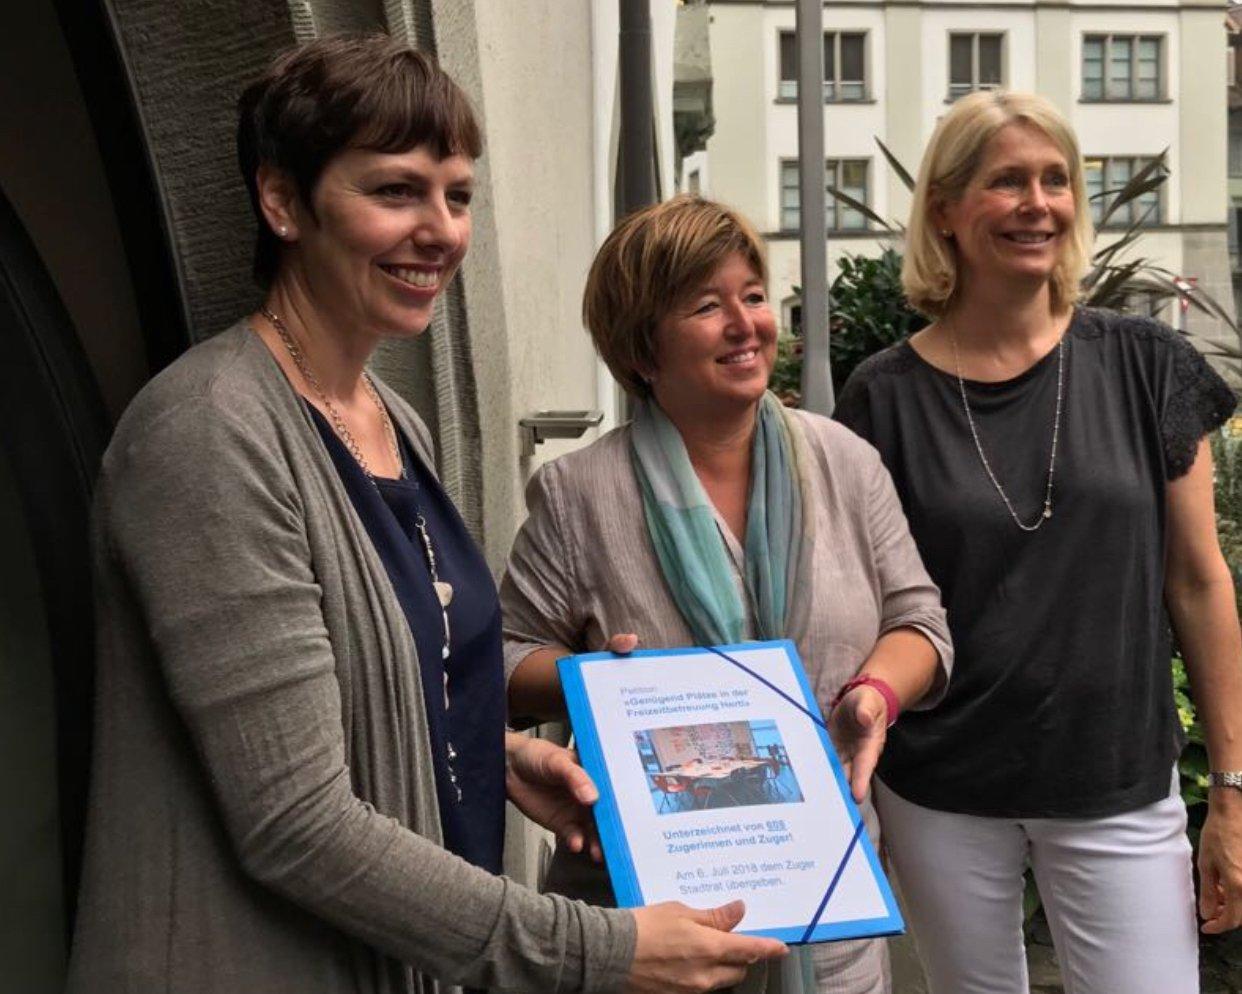 Alexandra Beeler (links) und Eliane Birchmeier (rechts) überreichen die Petition an Stadträtin Vroni Straub, Vorsteherin Bildungsdepartement.